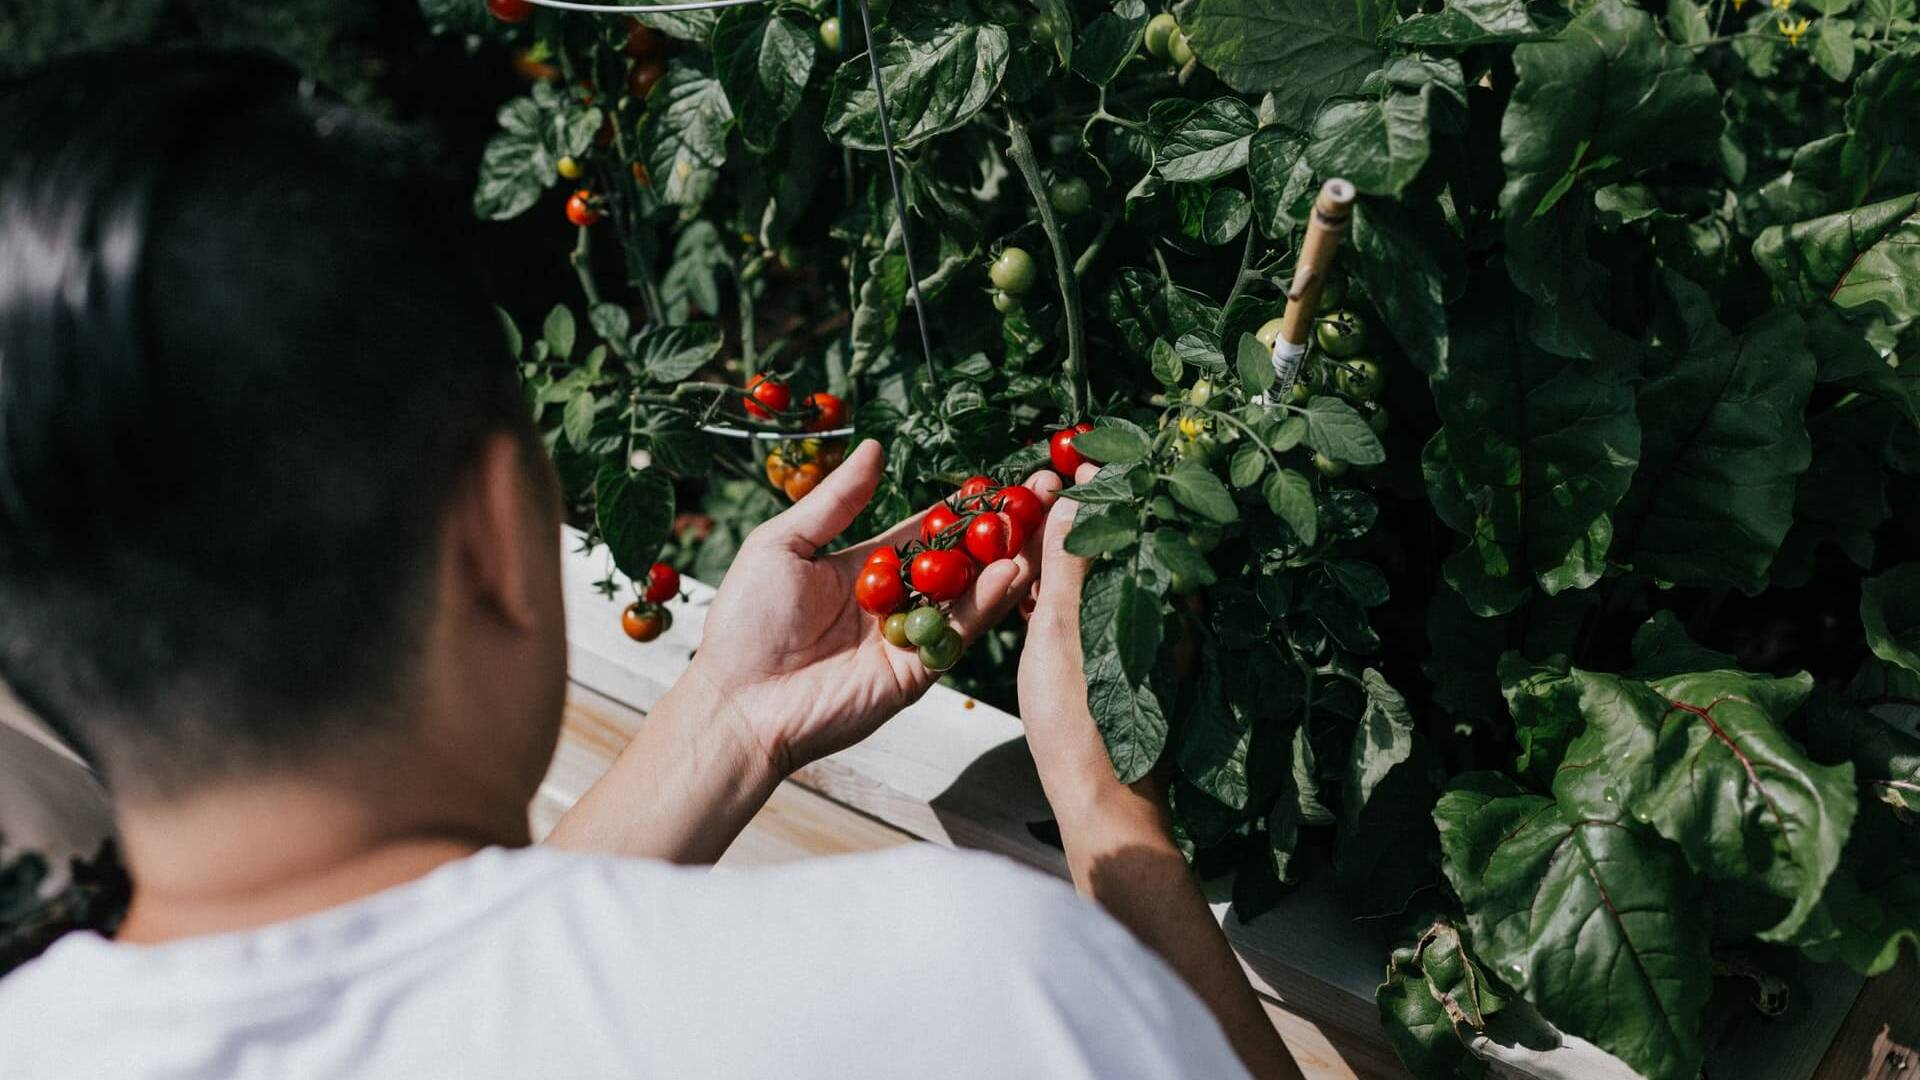 How Does Smart Garden Work